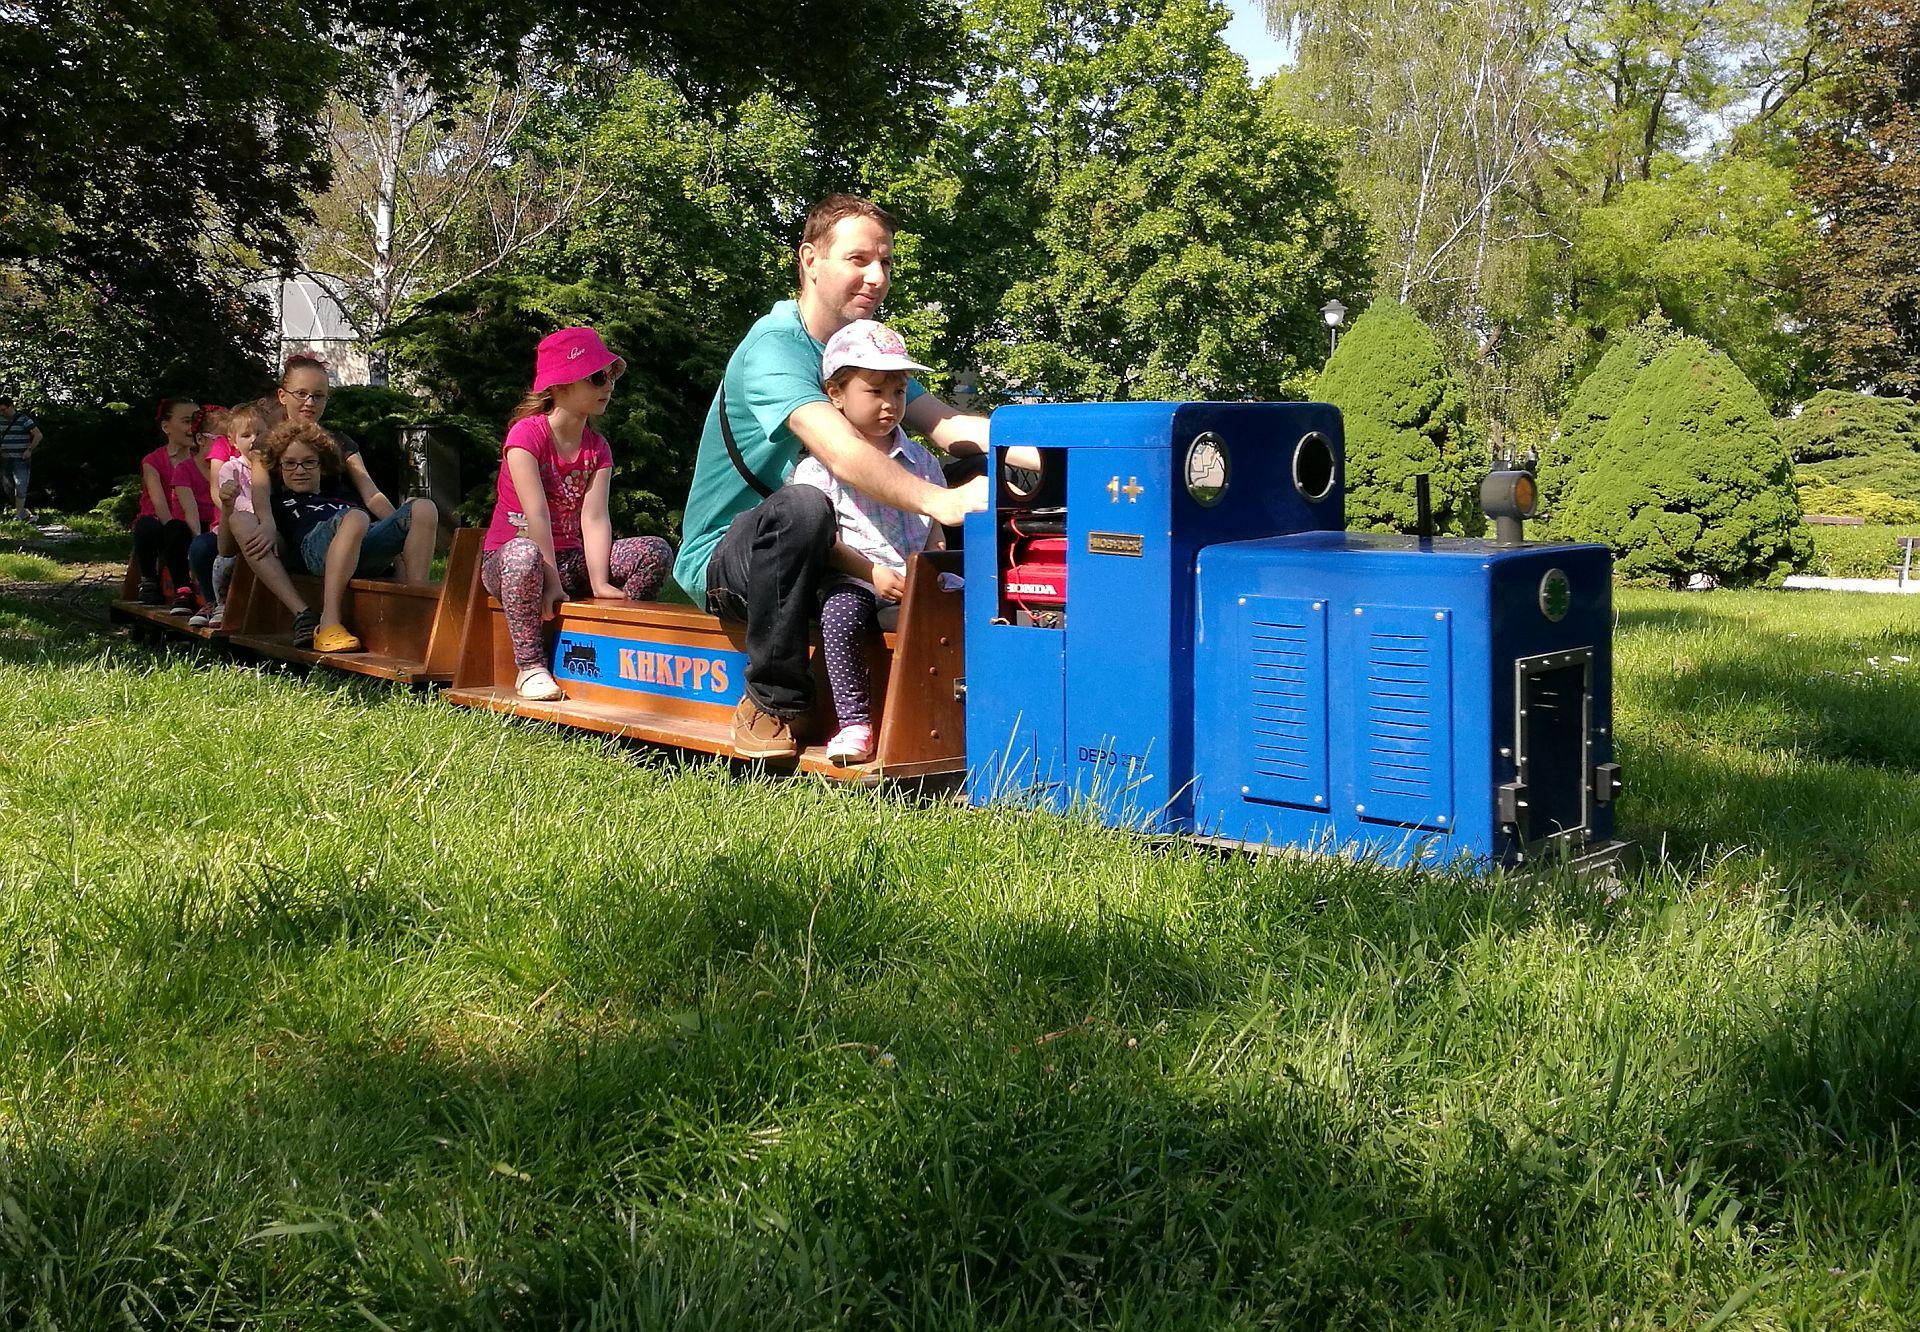 Živí ho pivo, ale víkendy věnuje dětské železnici